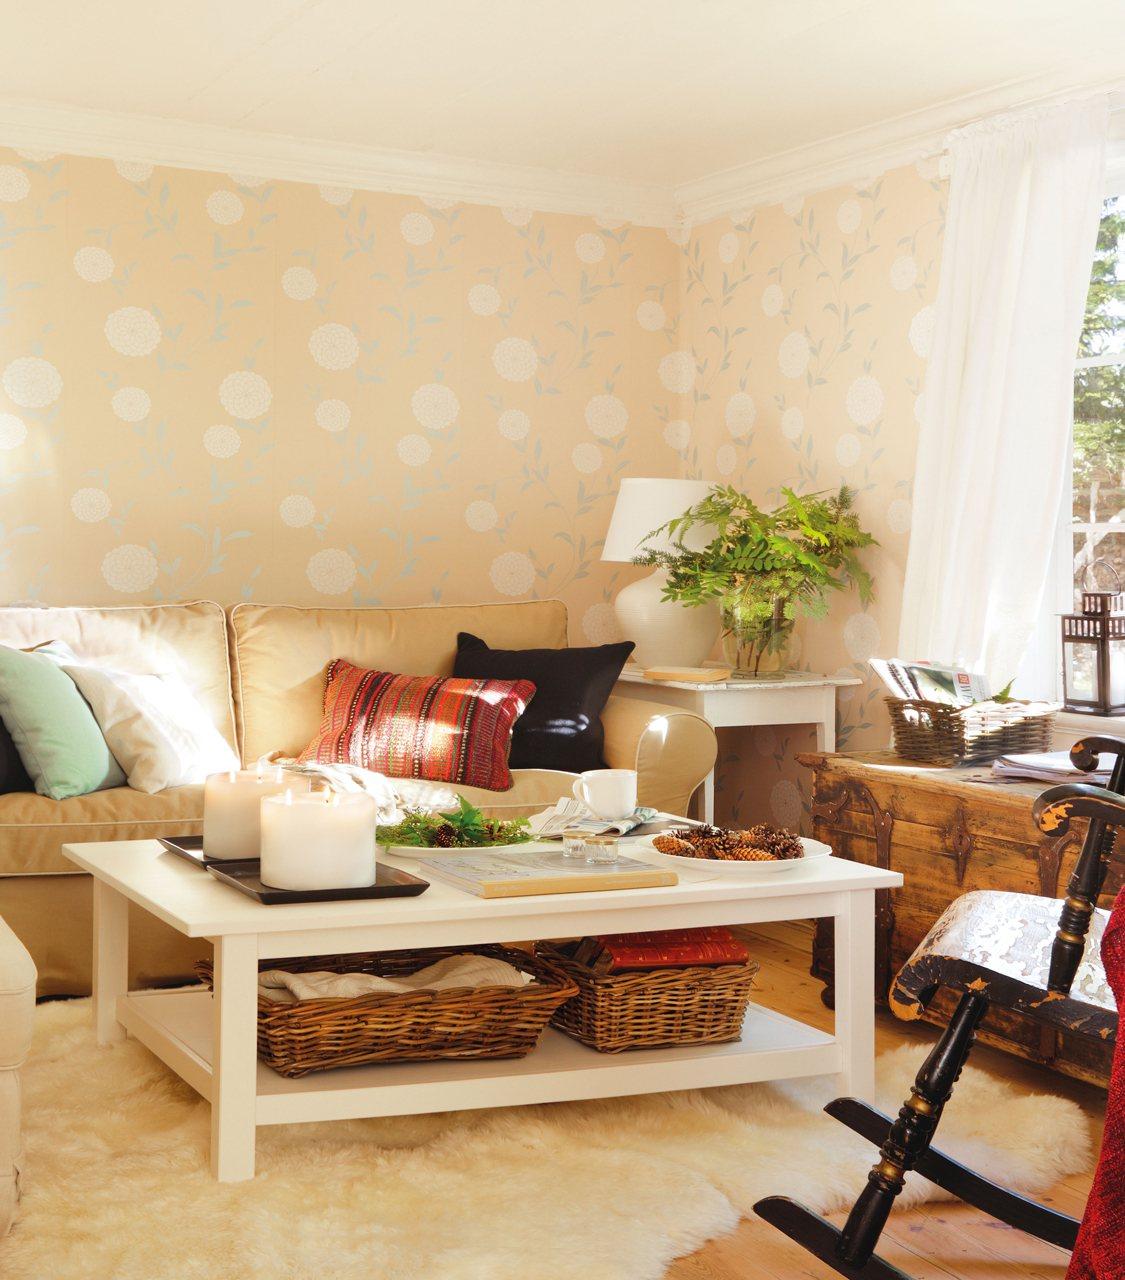 saln con papel pintado en las paredes sof beige y una mesa de centro blanca